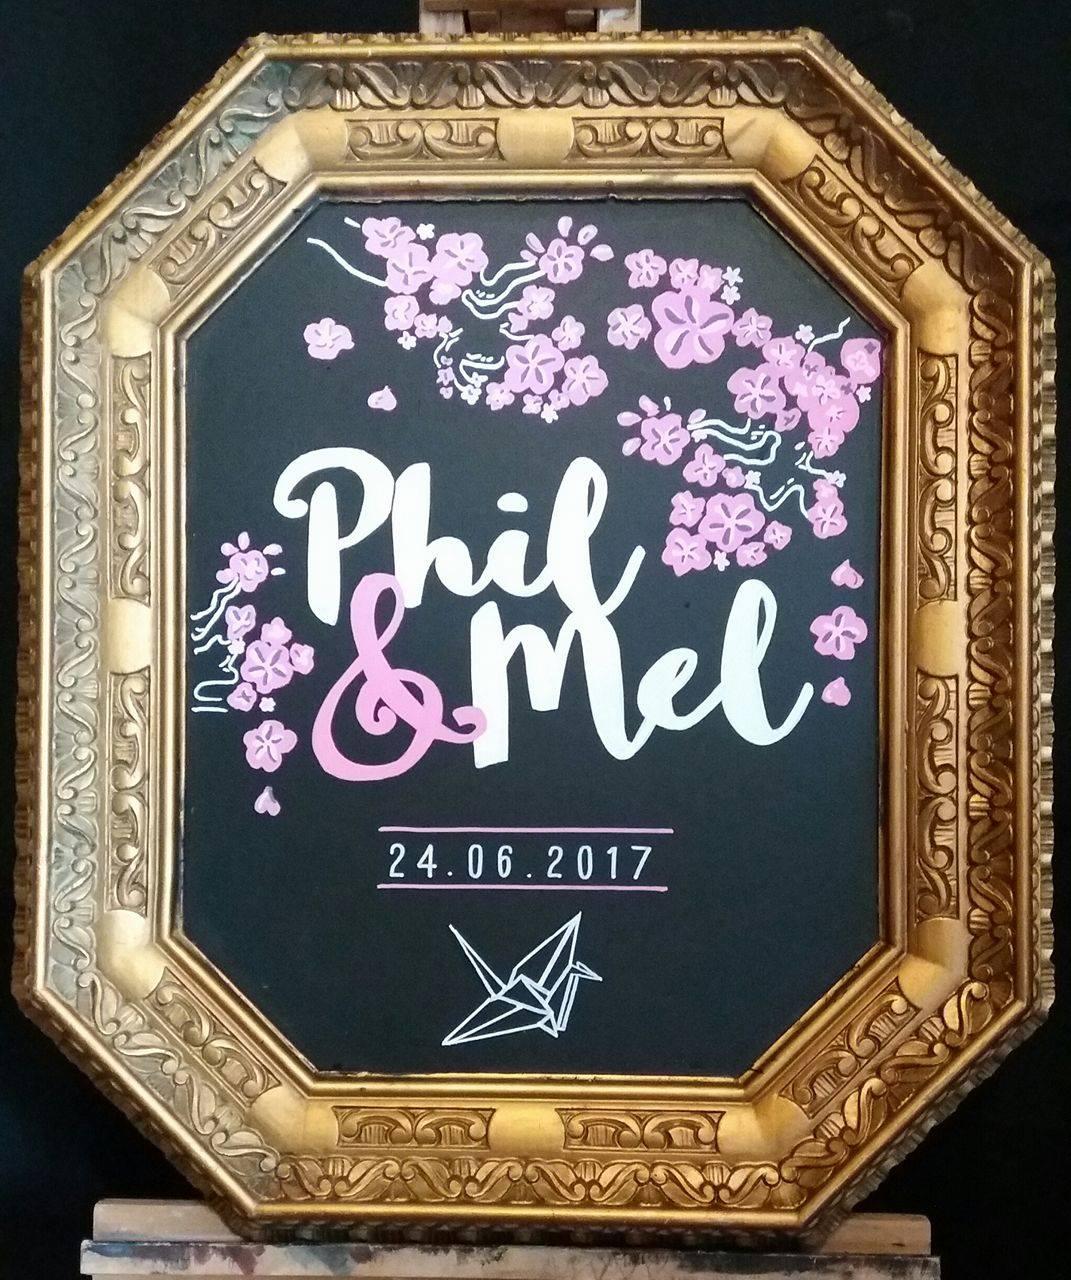 Phil & Mel